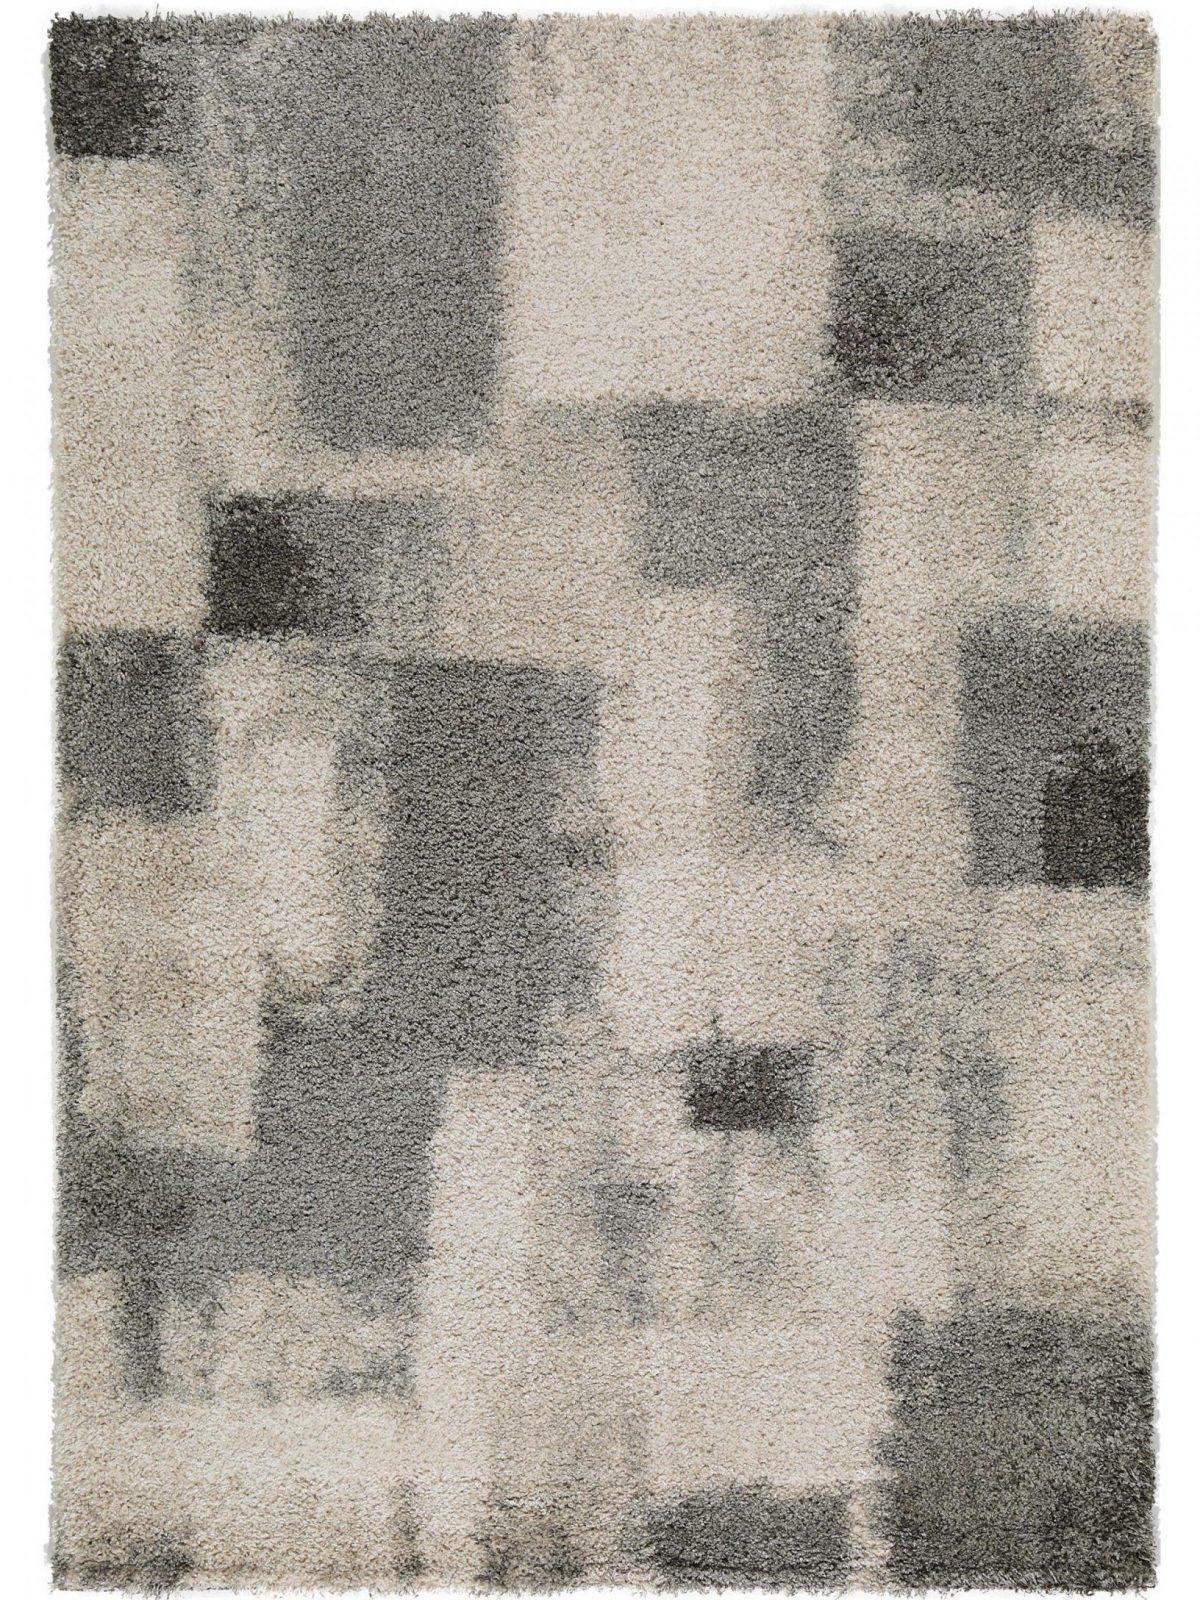 Langflor Teppich Grau Preisvergleich • Die Besten Angebote Online Kaufen von Hochflor Teppich Grau 160X230 Photo